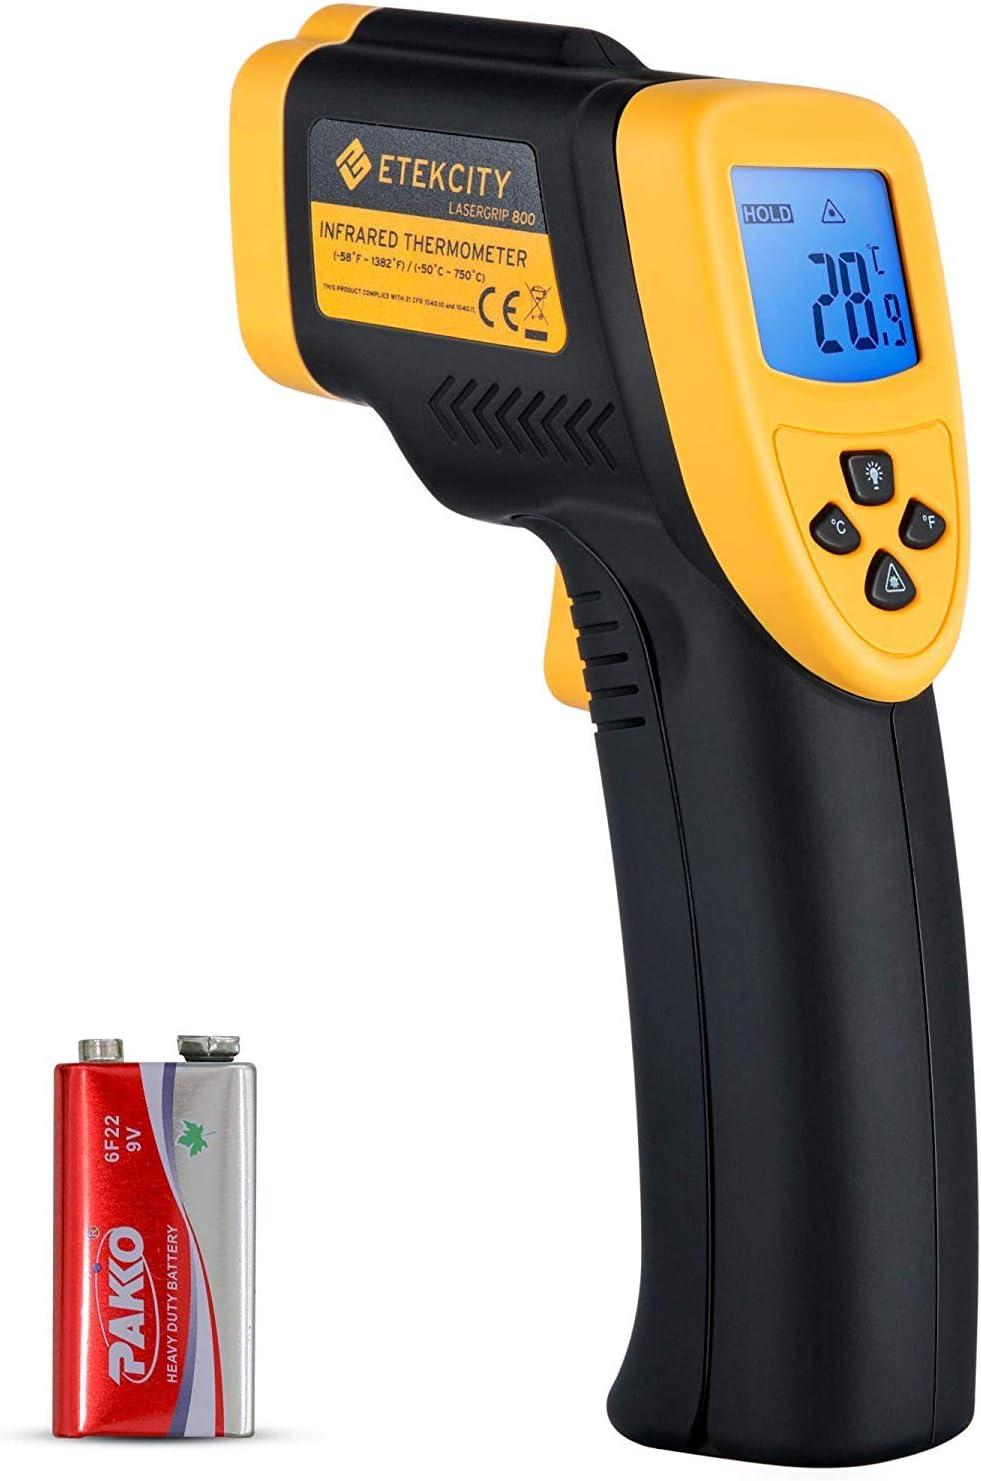 Etekcity 800 Termómetro Infrarrojo Digital Láser -50 ℃ a 750 ℃ para Coche, Cocina, Agua, Piscina, Pistola de Temperatura(no sirve para medir la temperatura corporal)